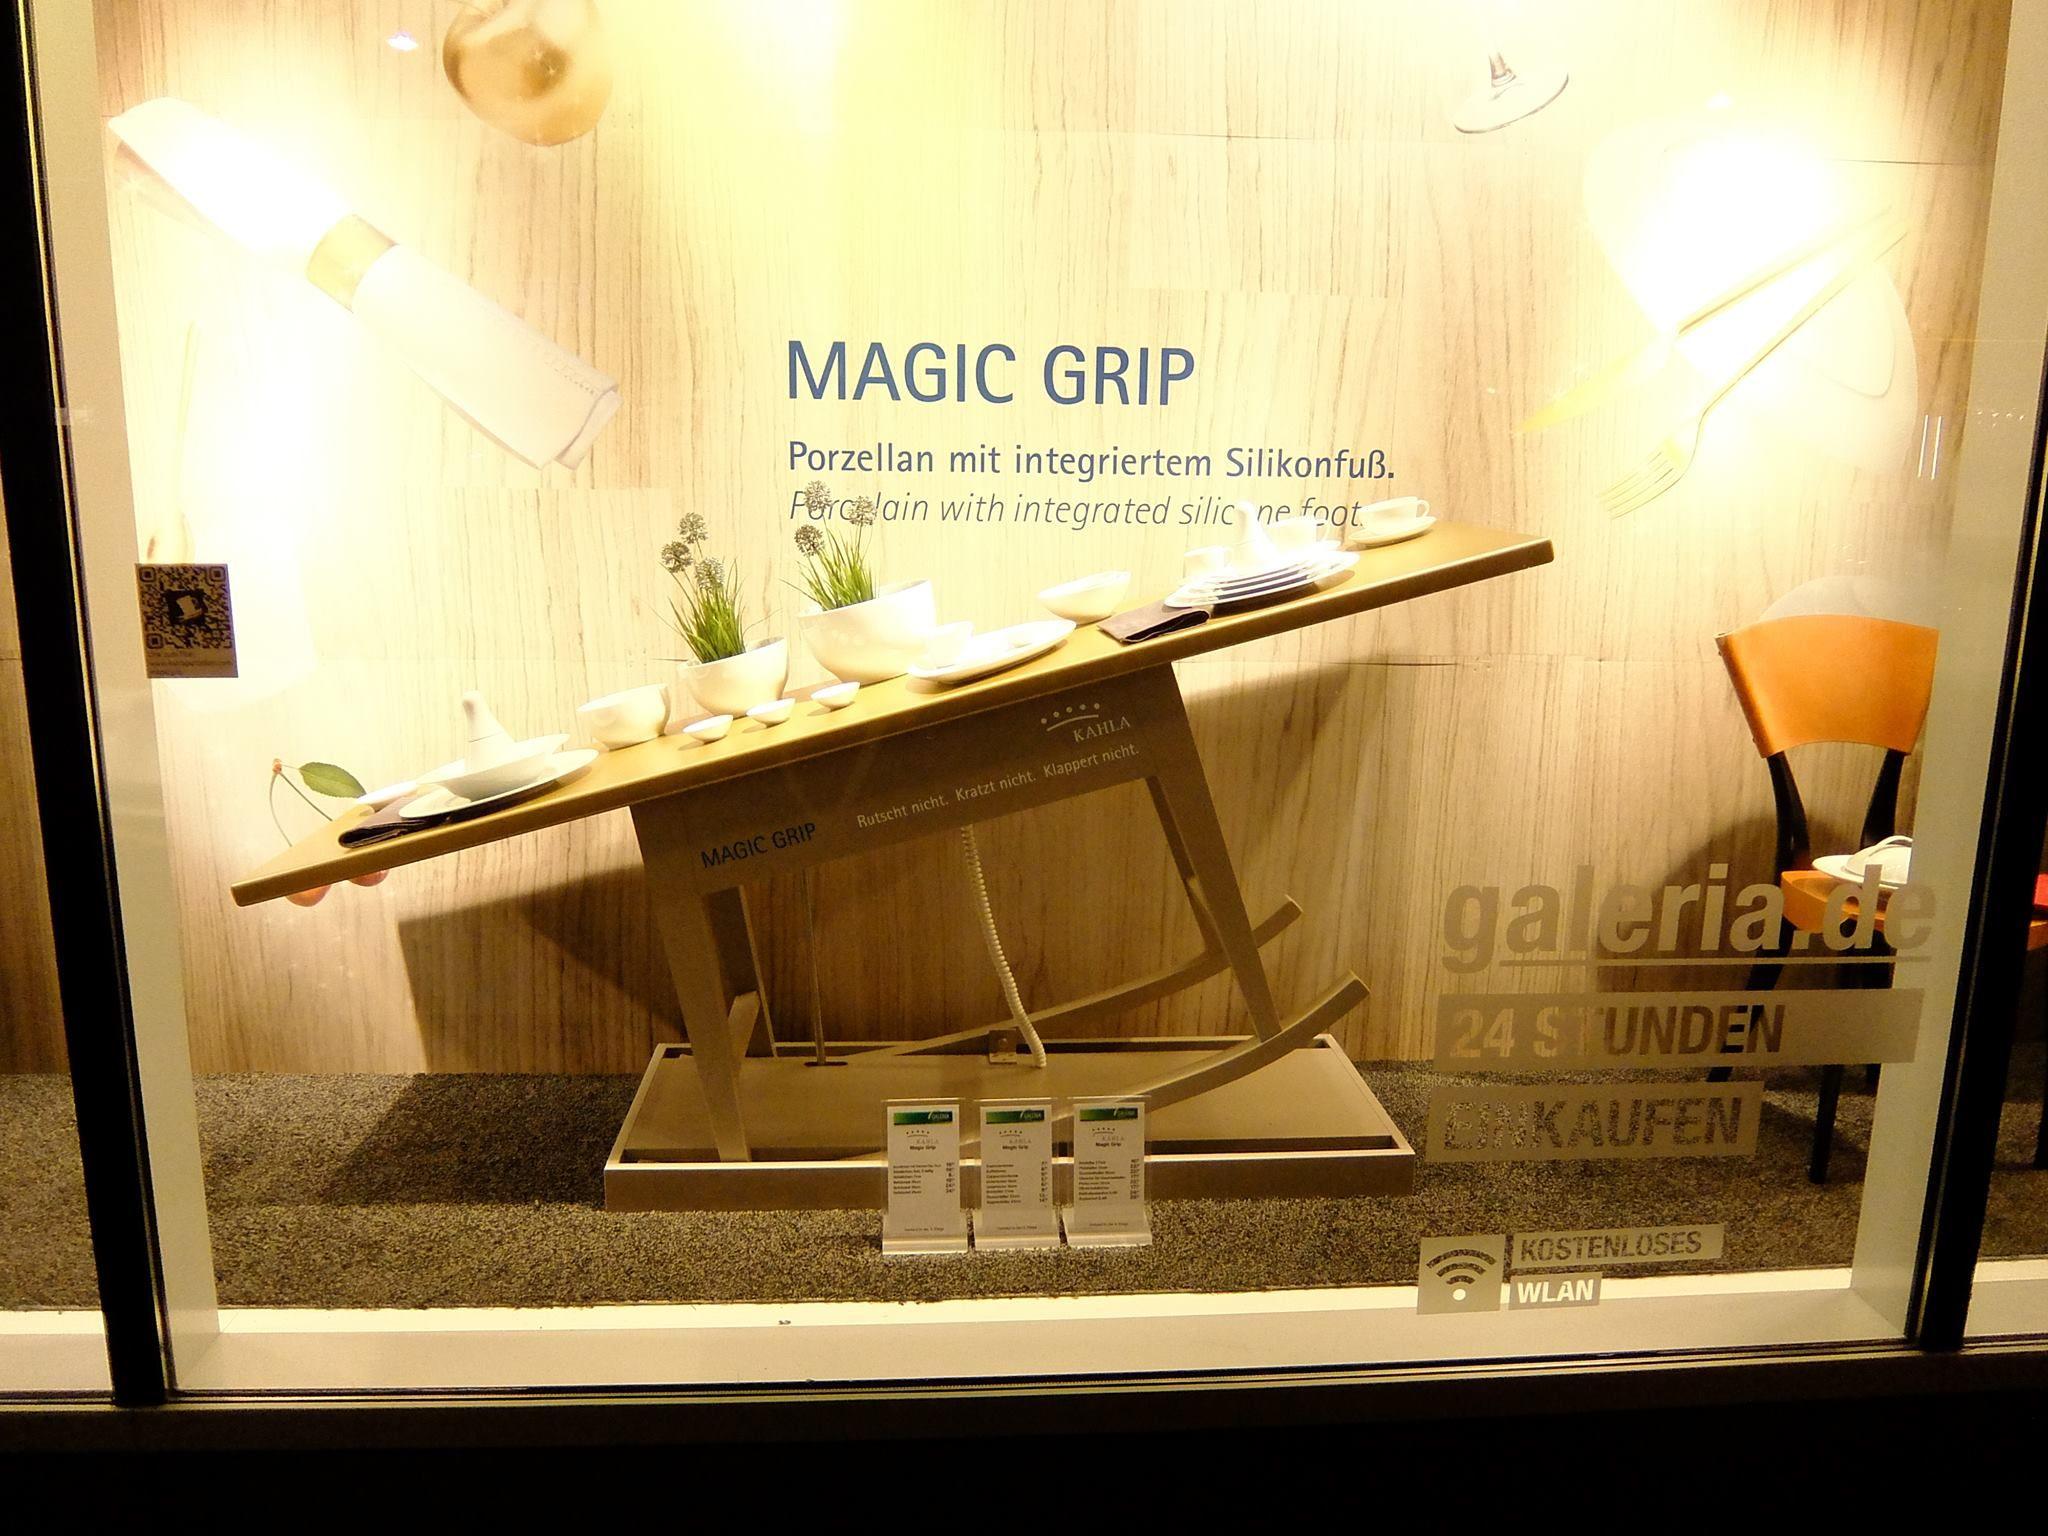 Magic Grip Schaufenster-Inszenierung bei Galeria Kaufhof in Frankfurt am Main.